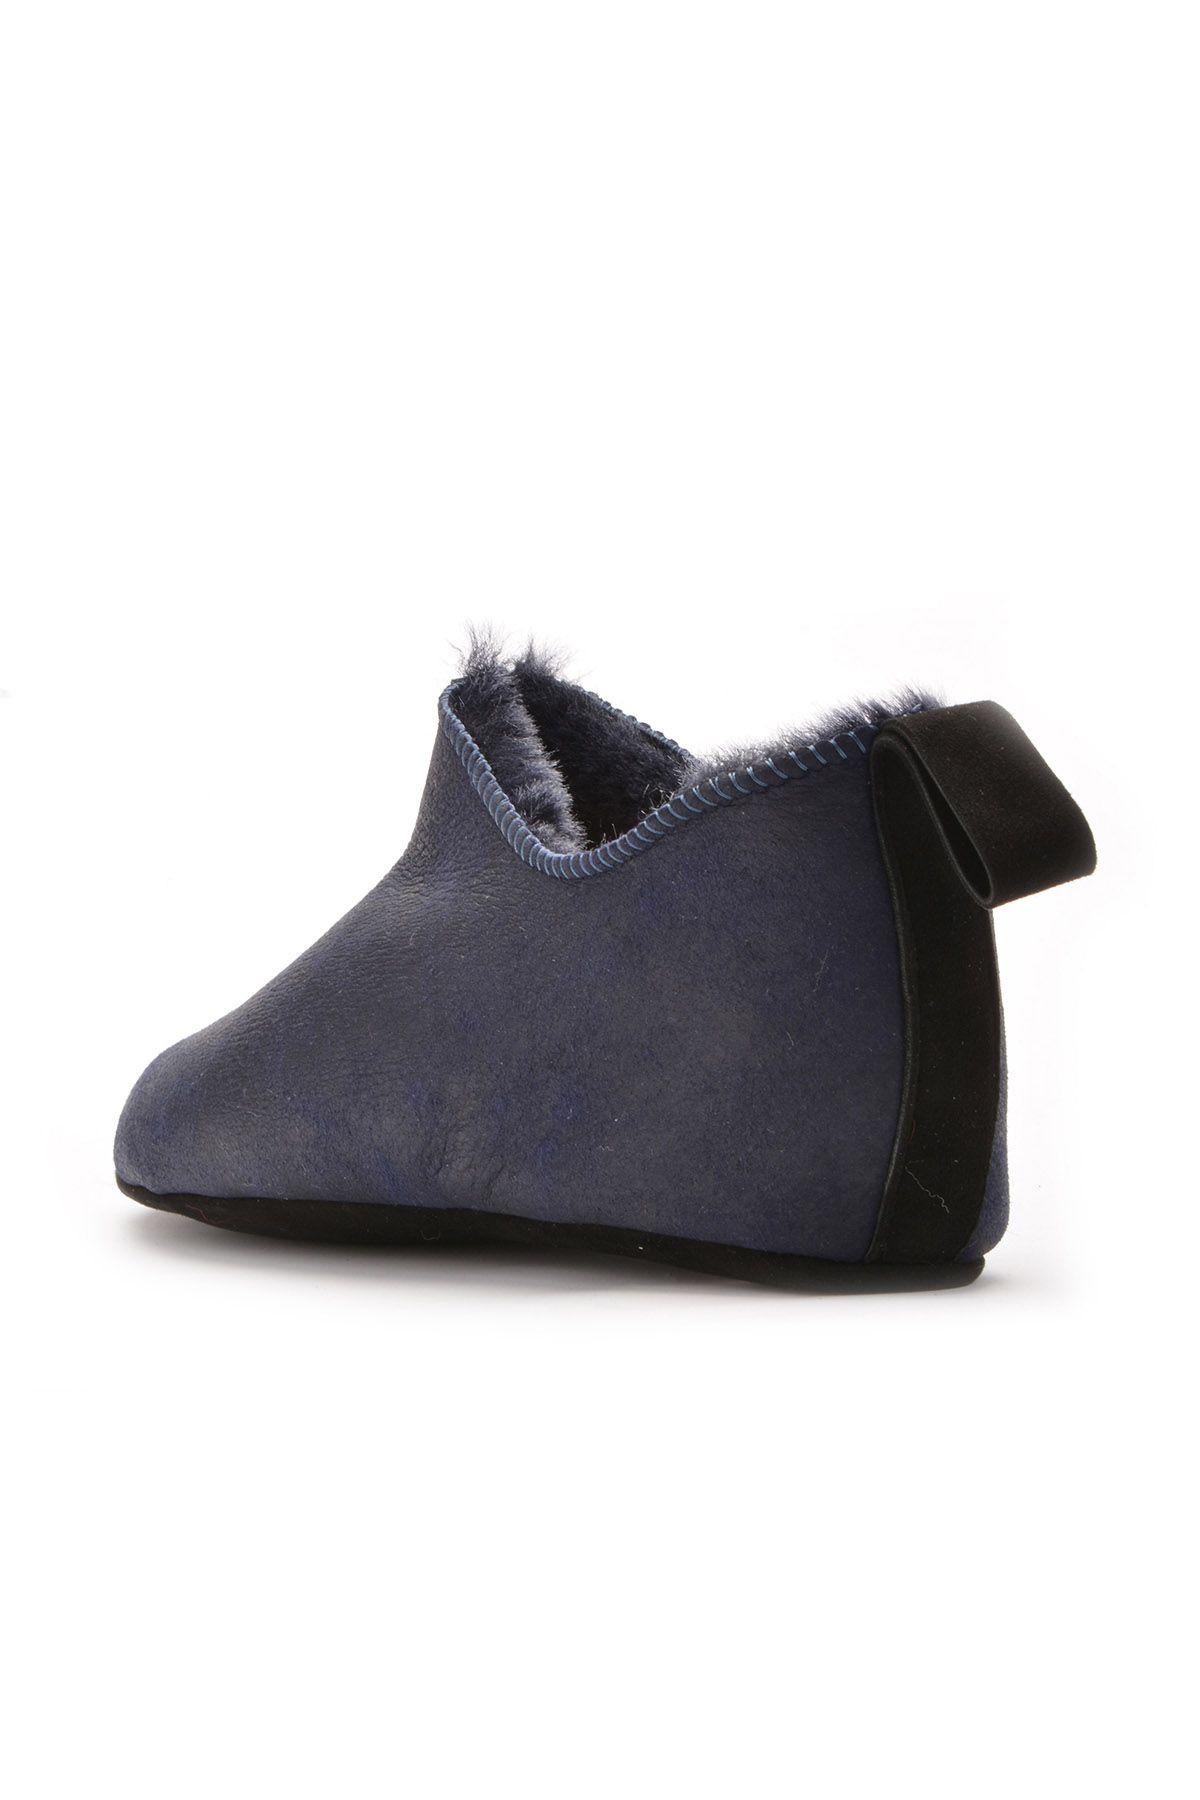 Pegia Hakiki Kürk Bayan Ev Ayakkabısı 101097 Lacivert